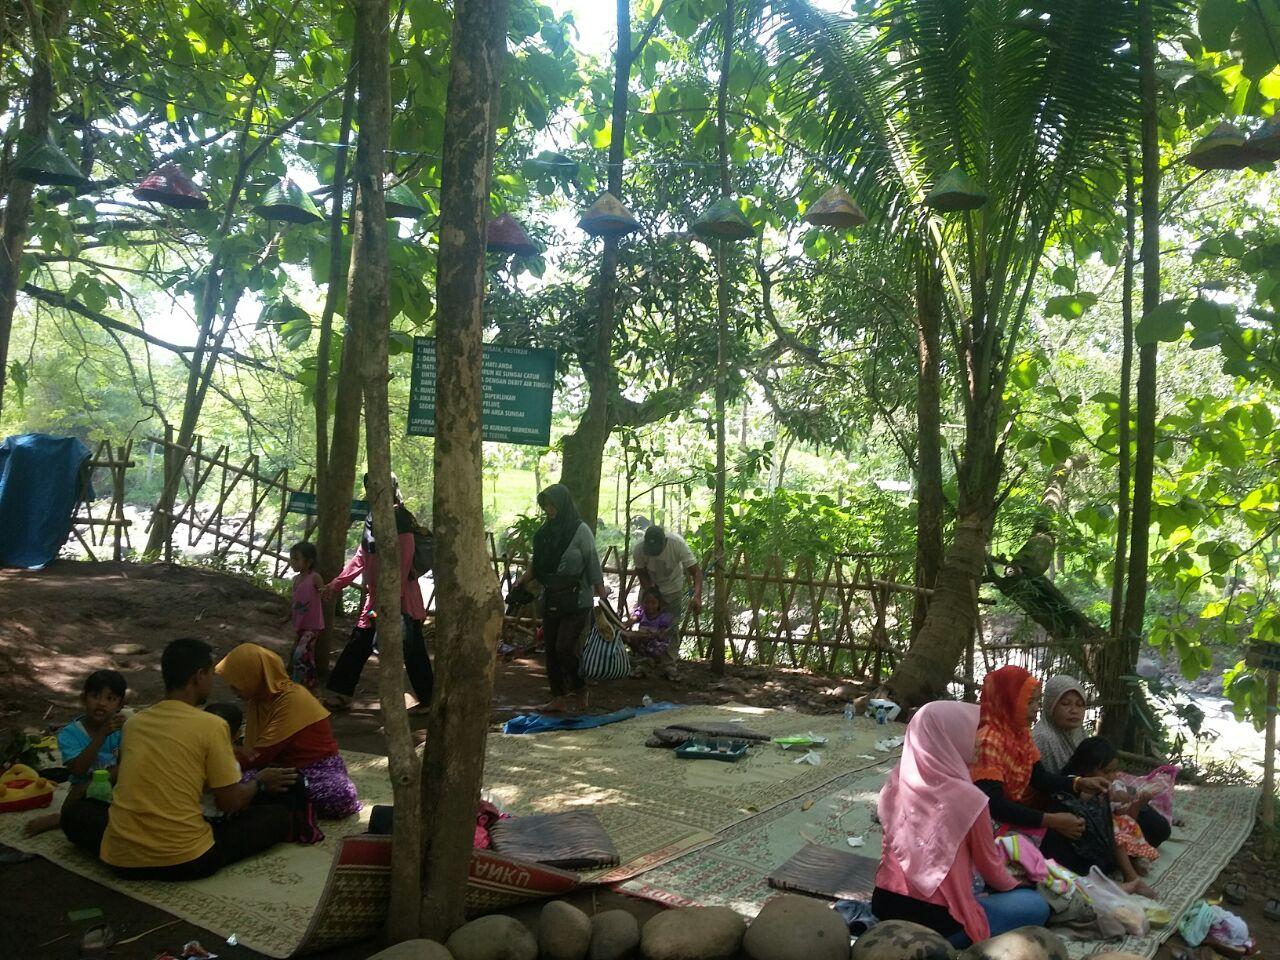 Wisata Madiun Asyiknya Pelesir Desa Brumbun Wisatawan Bersantai Kecamatan Wungu